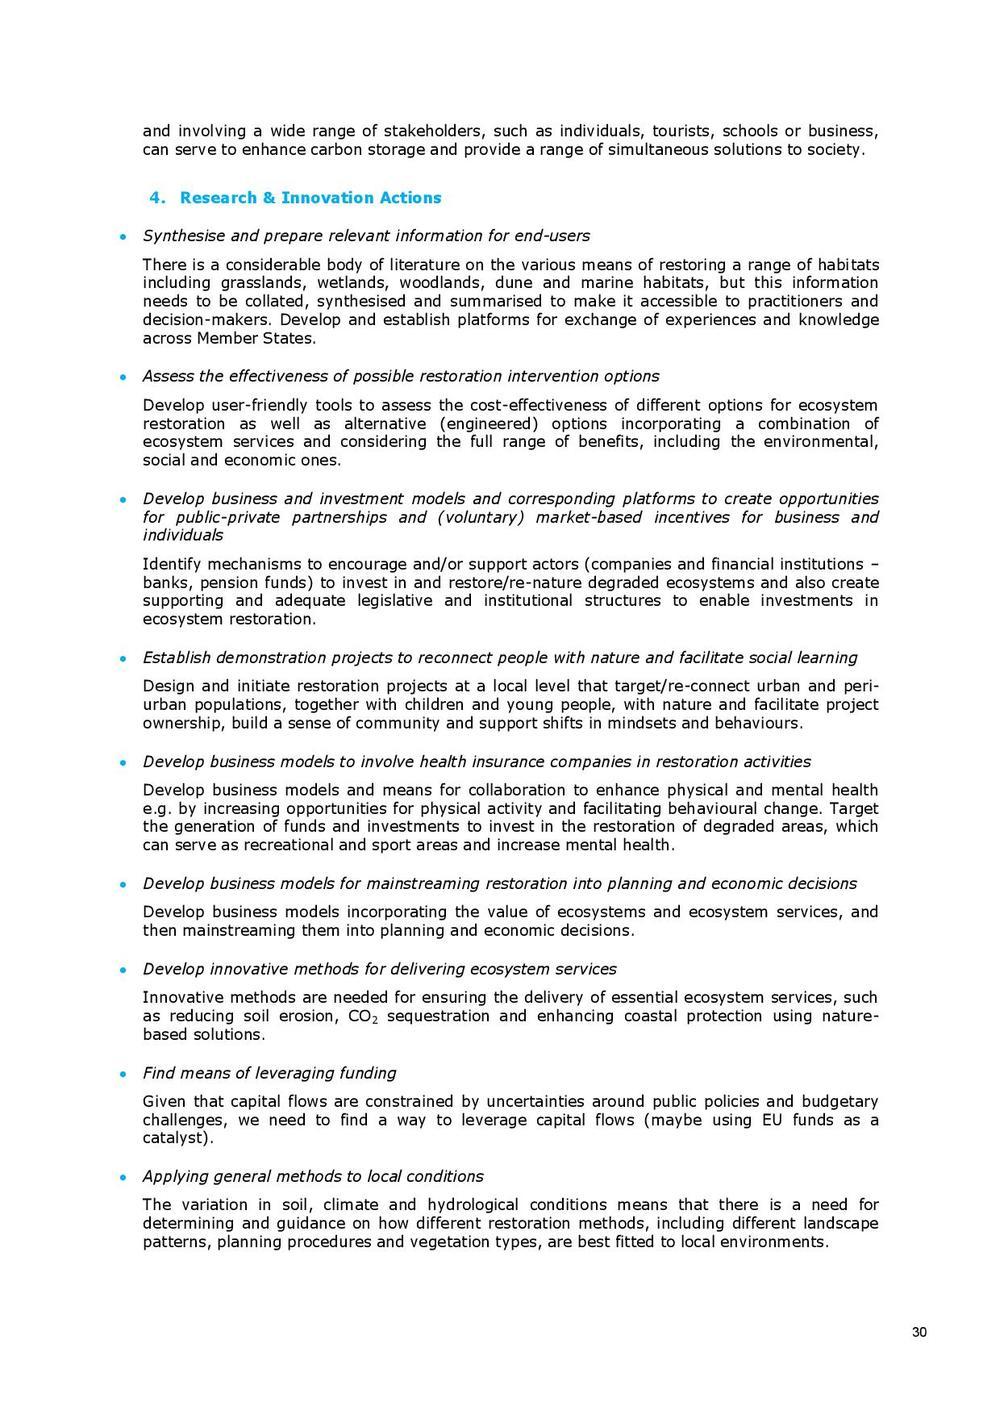 DG RTD_WEB-Publication A4_NBS_long_version_20150310-page-032.jpg